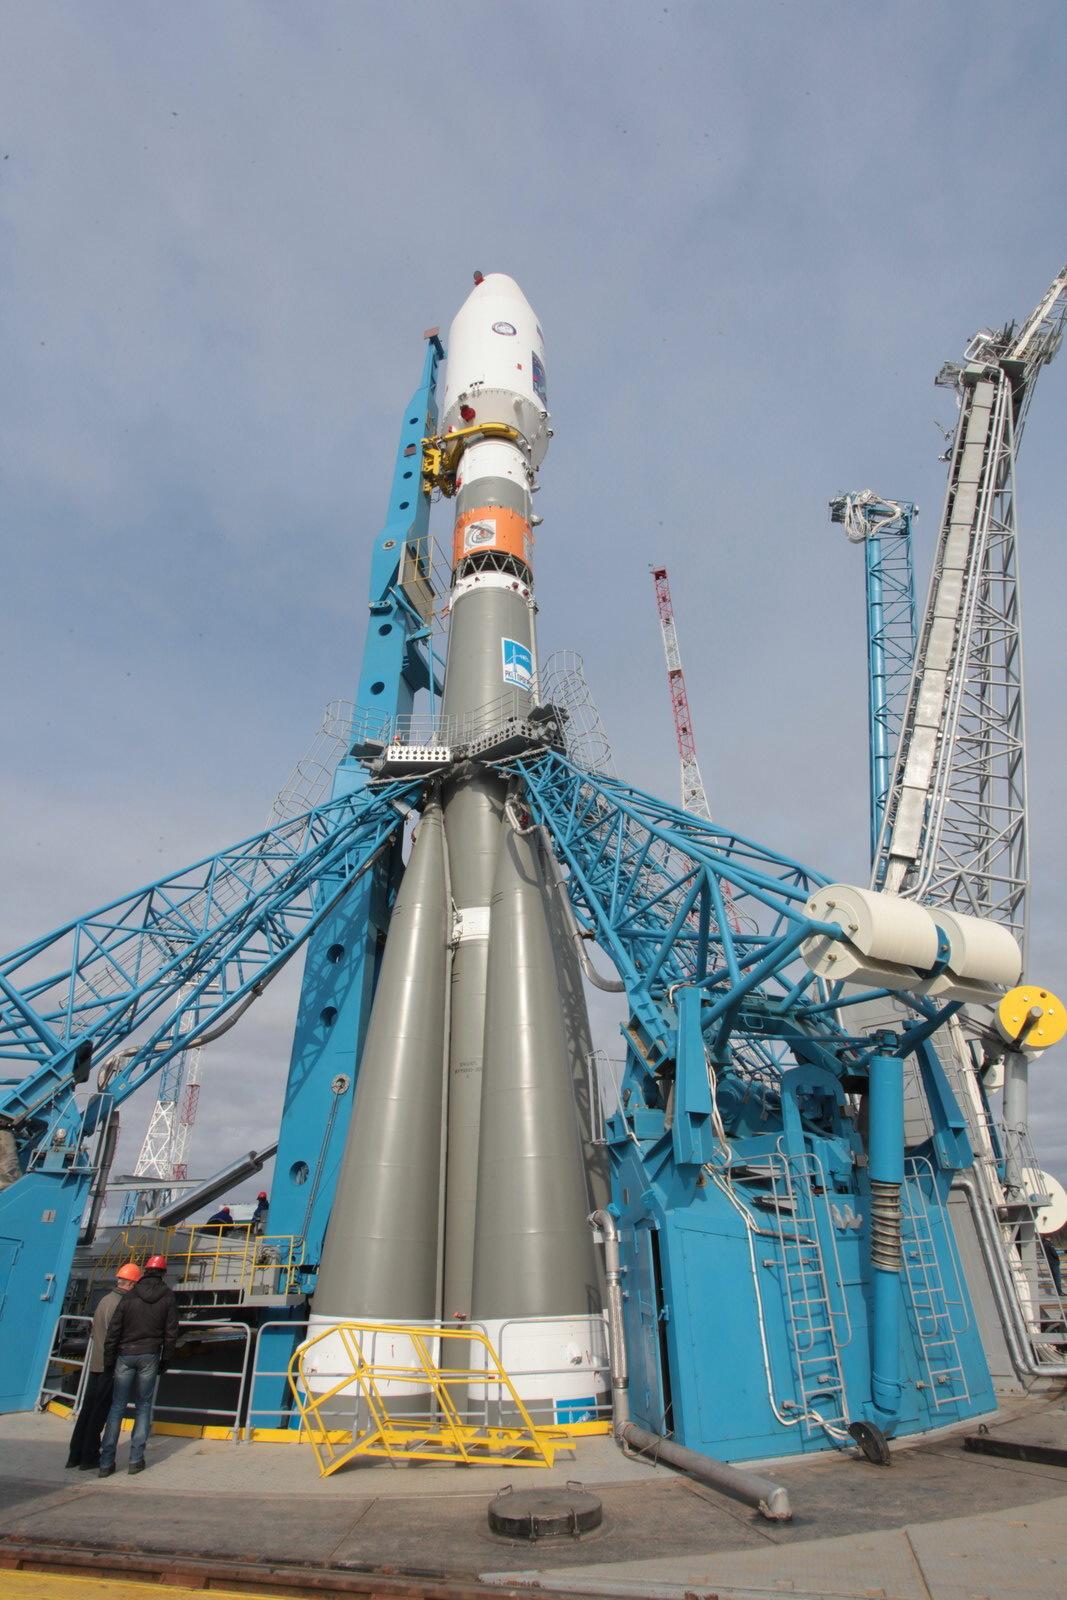 На космодроме Восточный установили ракету-носитель «Союз 2.1а» для первого запуска - 15